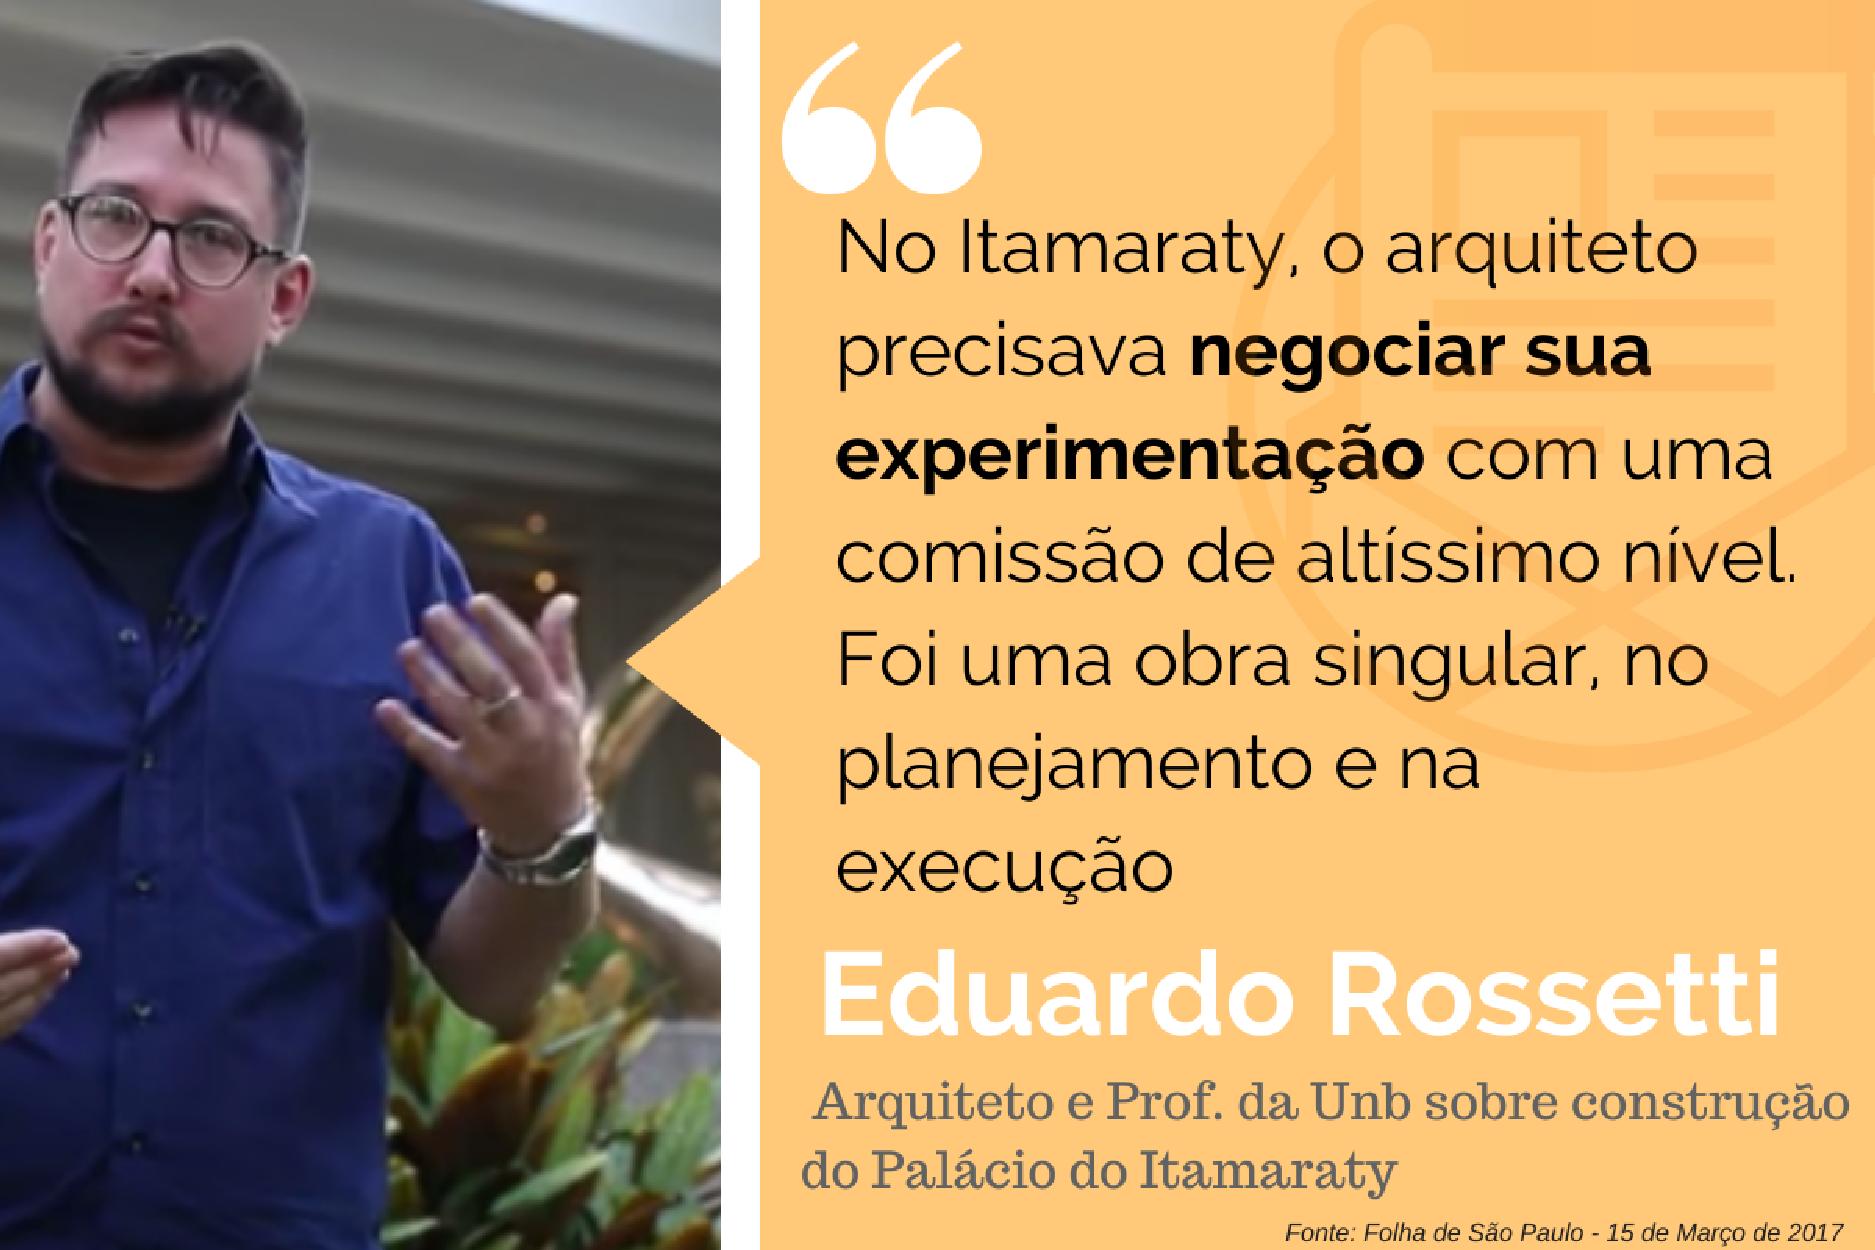 Arquiteto Eduardo Rossetti - Itamaraty